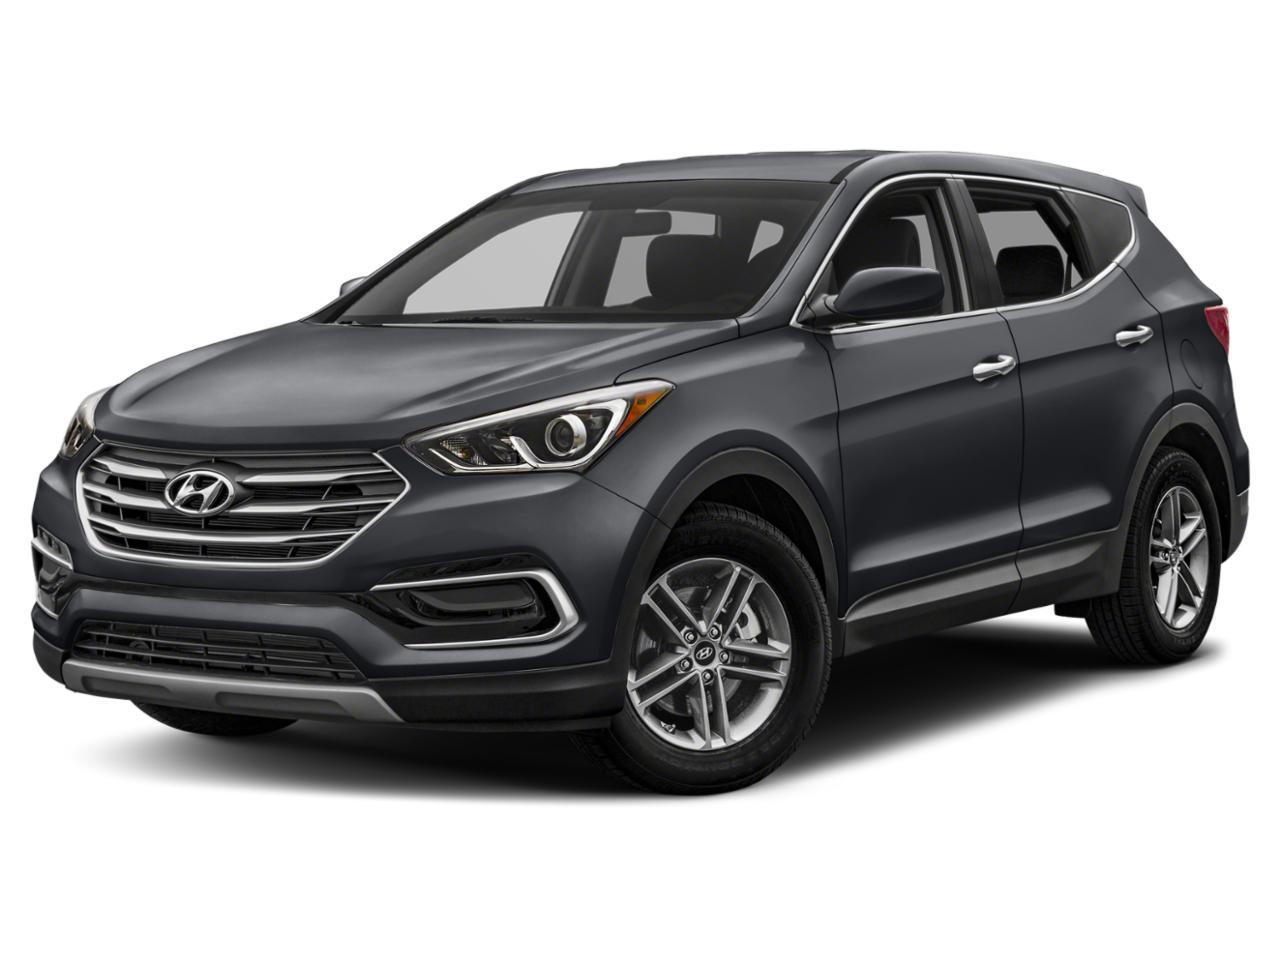 2018 Hyundai Santa Fe Sport Vehicle Photo in BETHLEHEM, PA 18017-9401